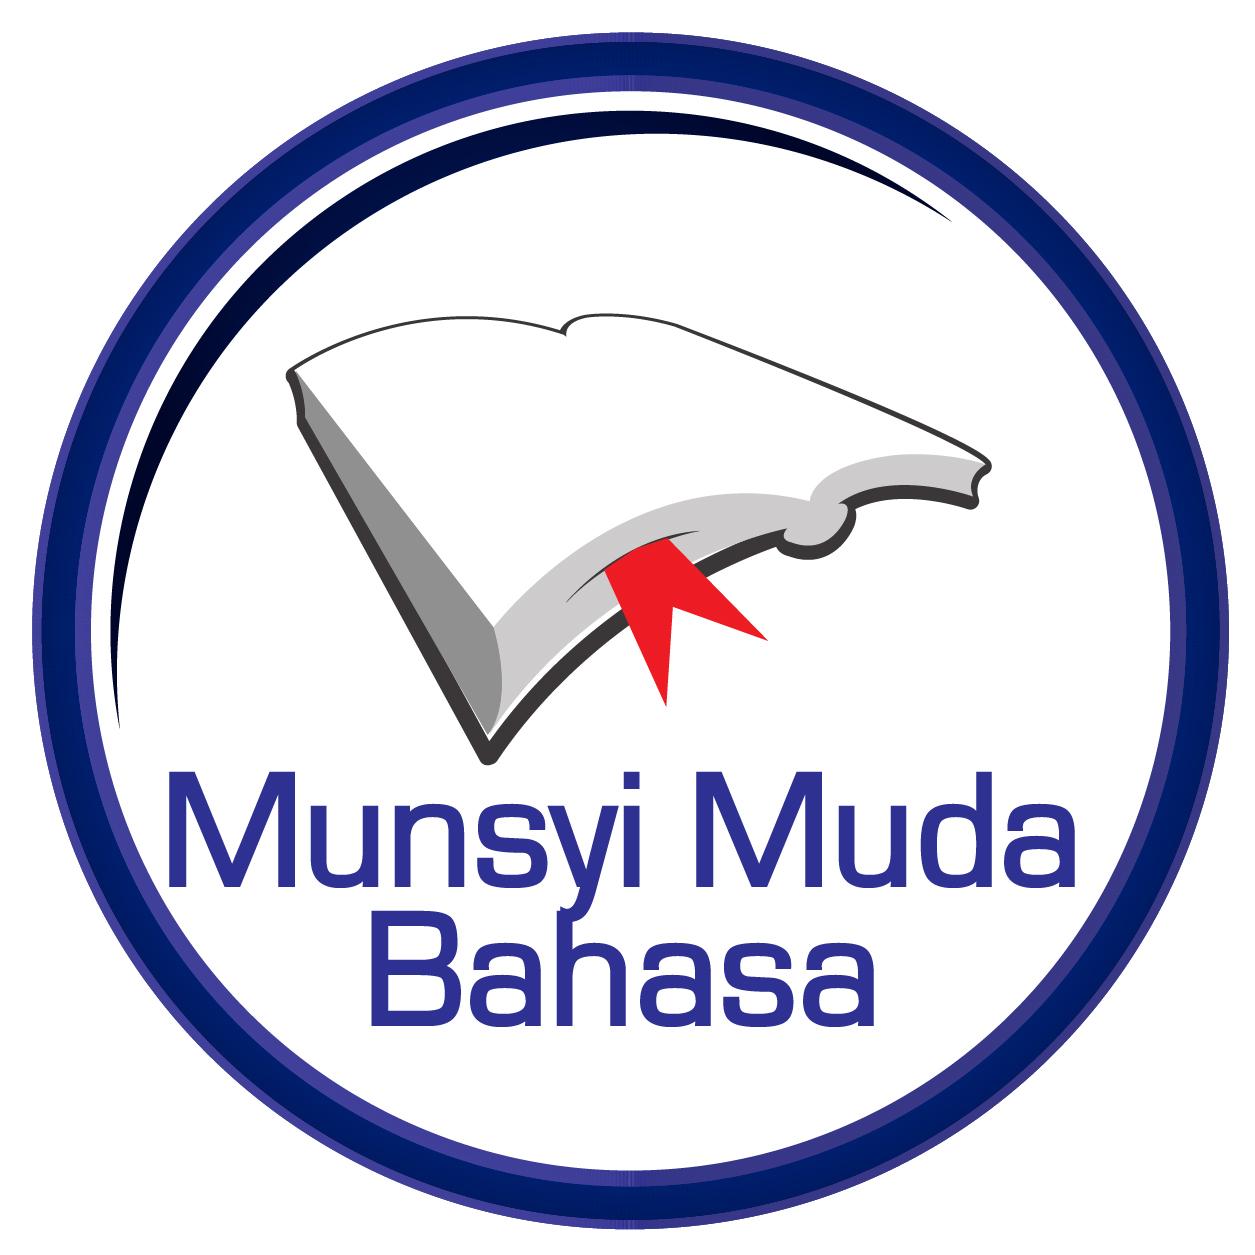 MunsyiMuda